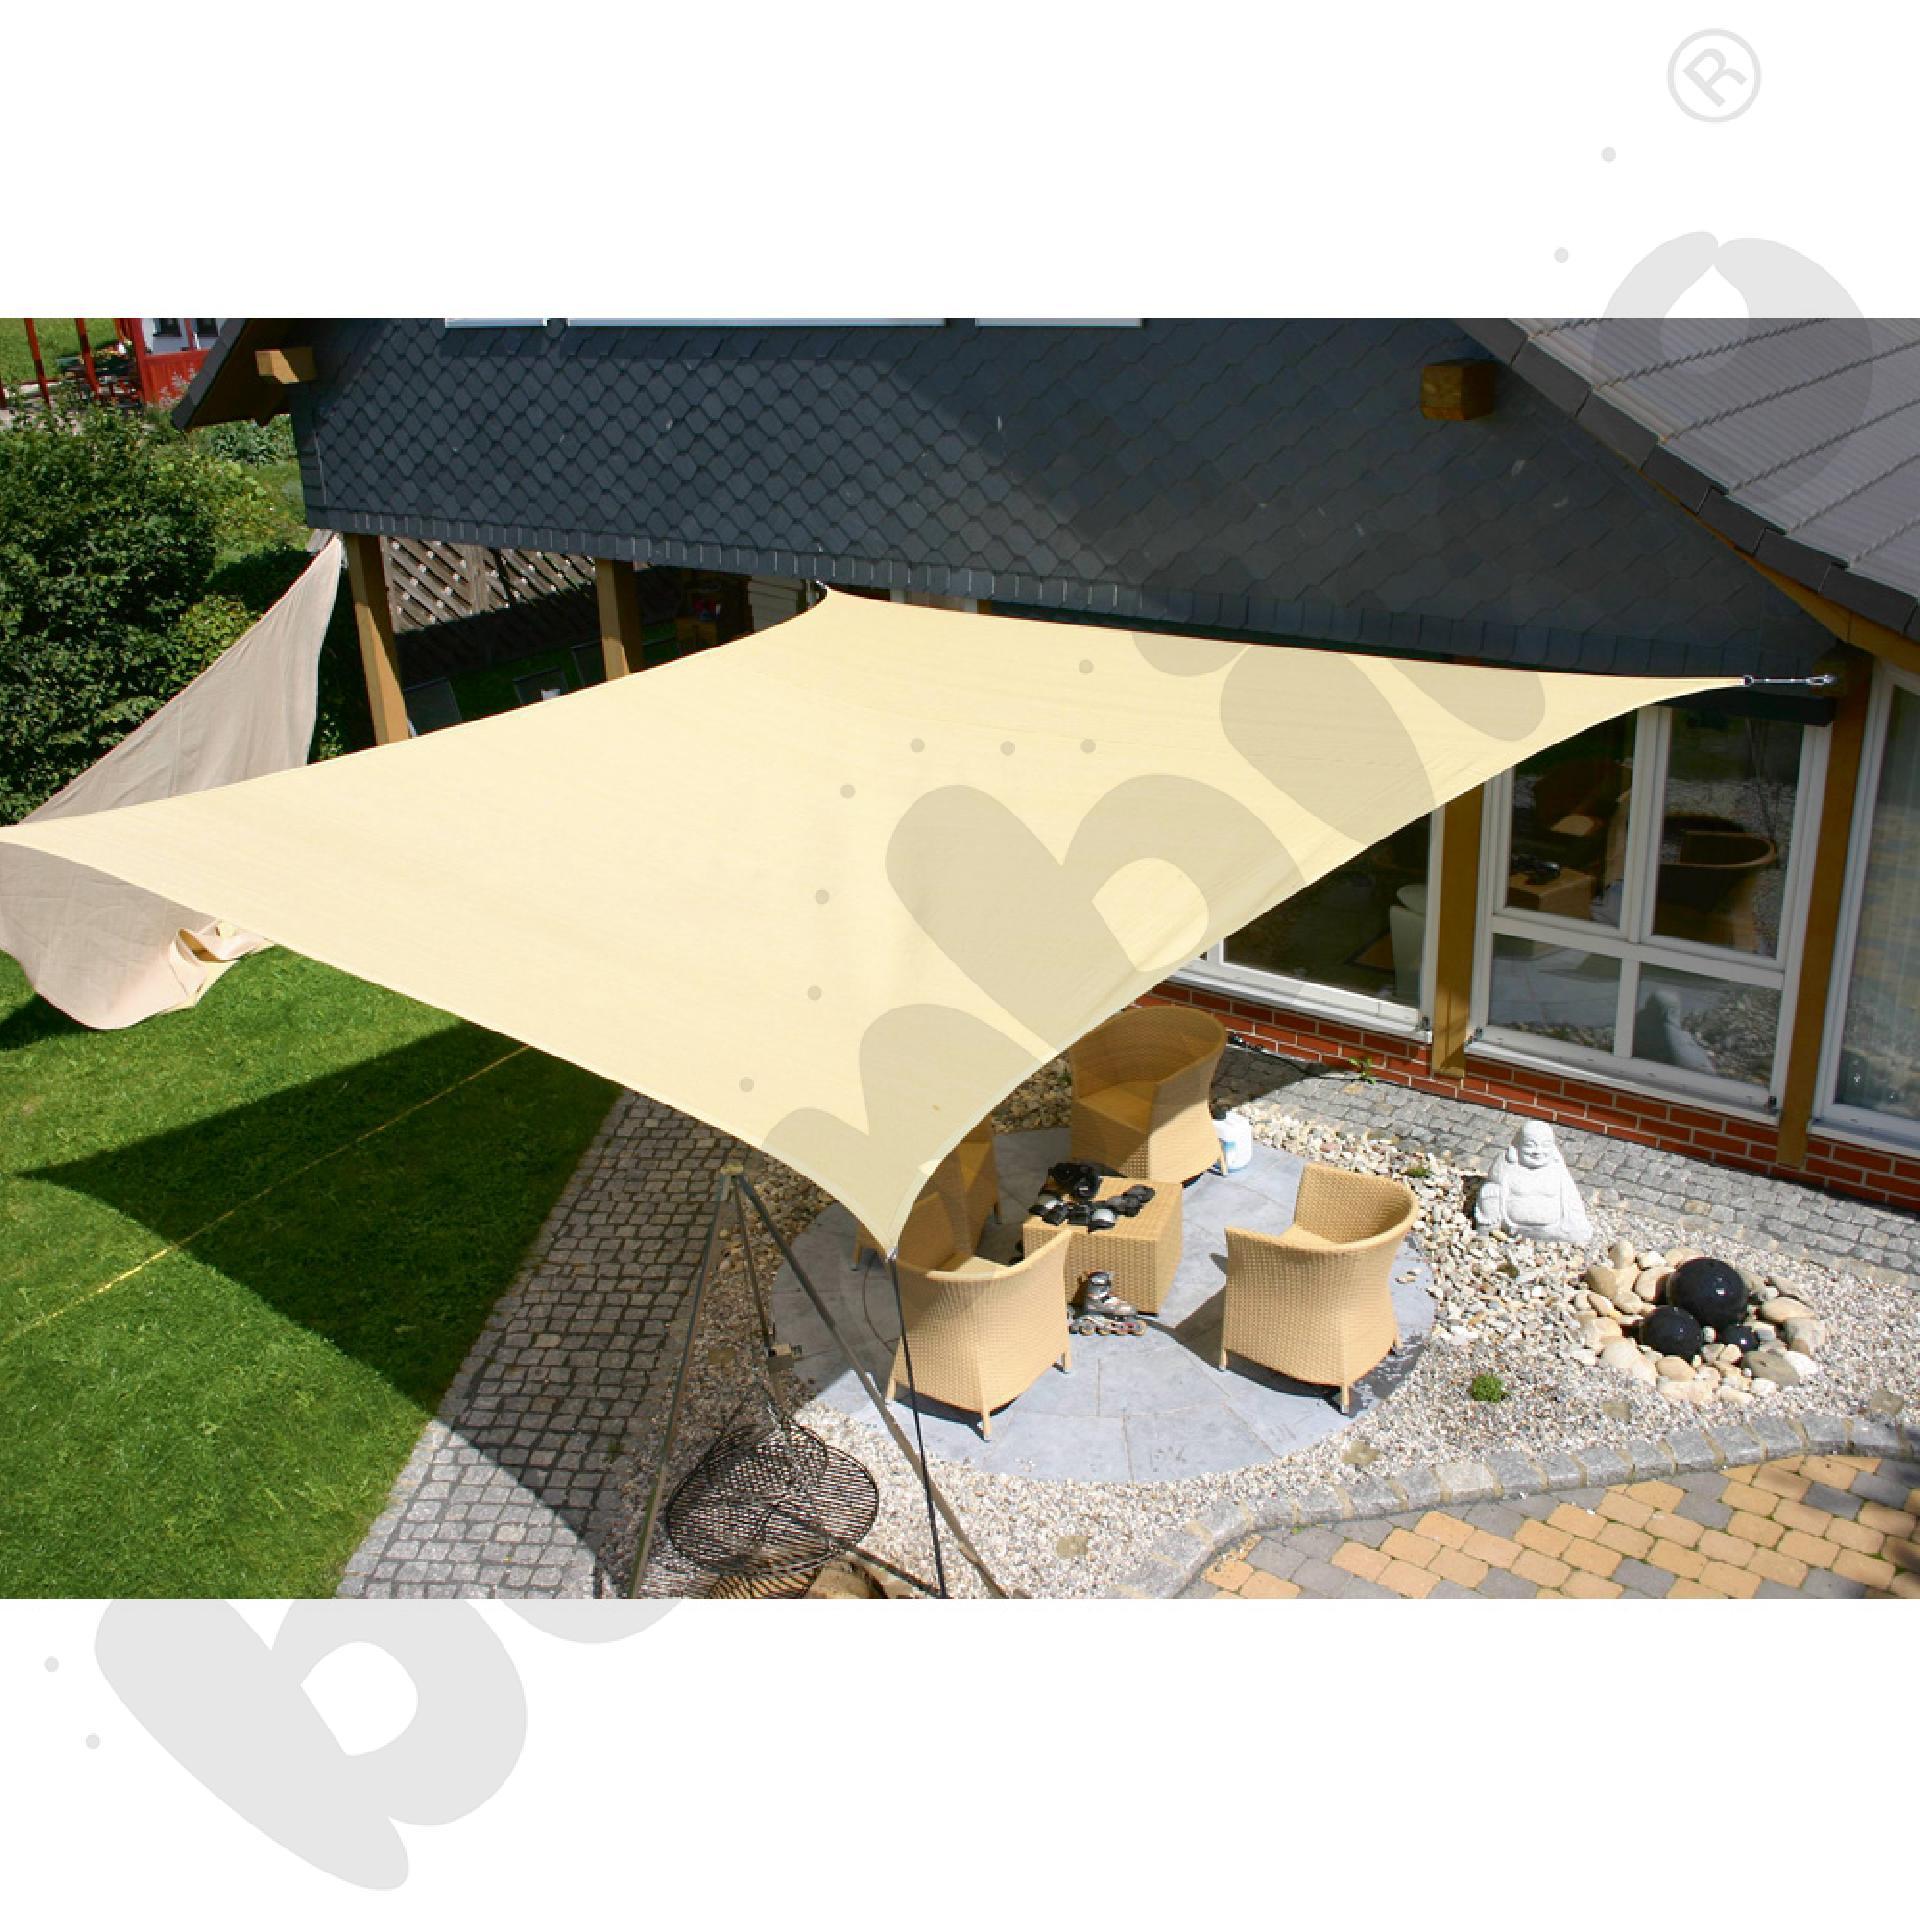 Materiałowy dach ochronny 4 x 6 m beżowy